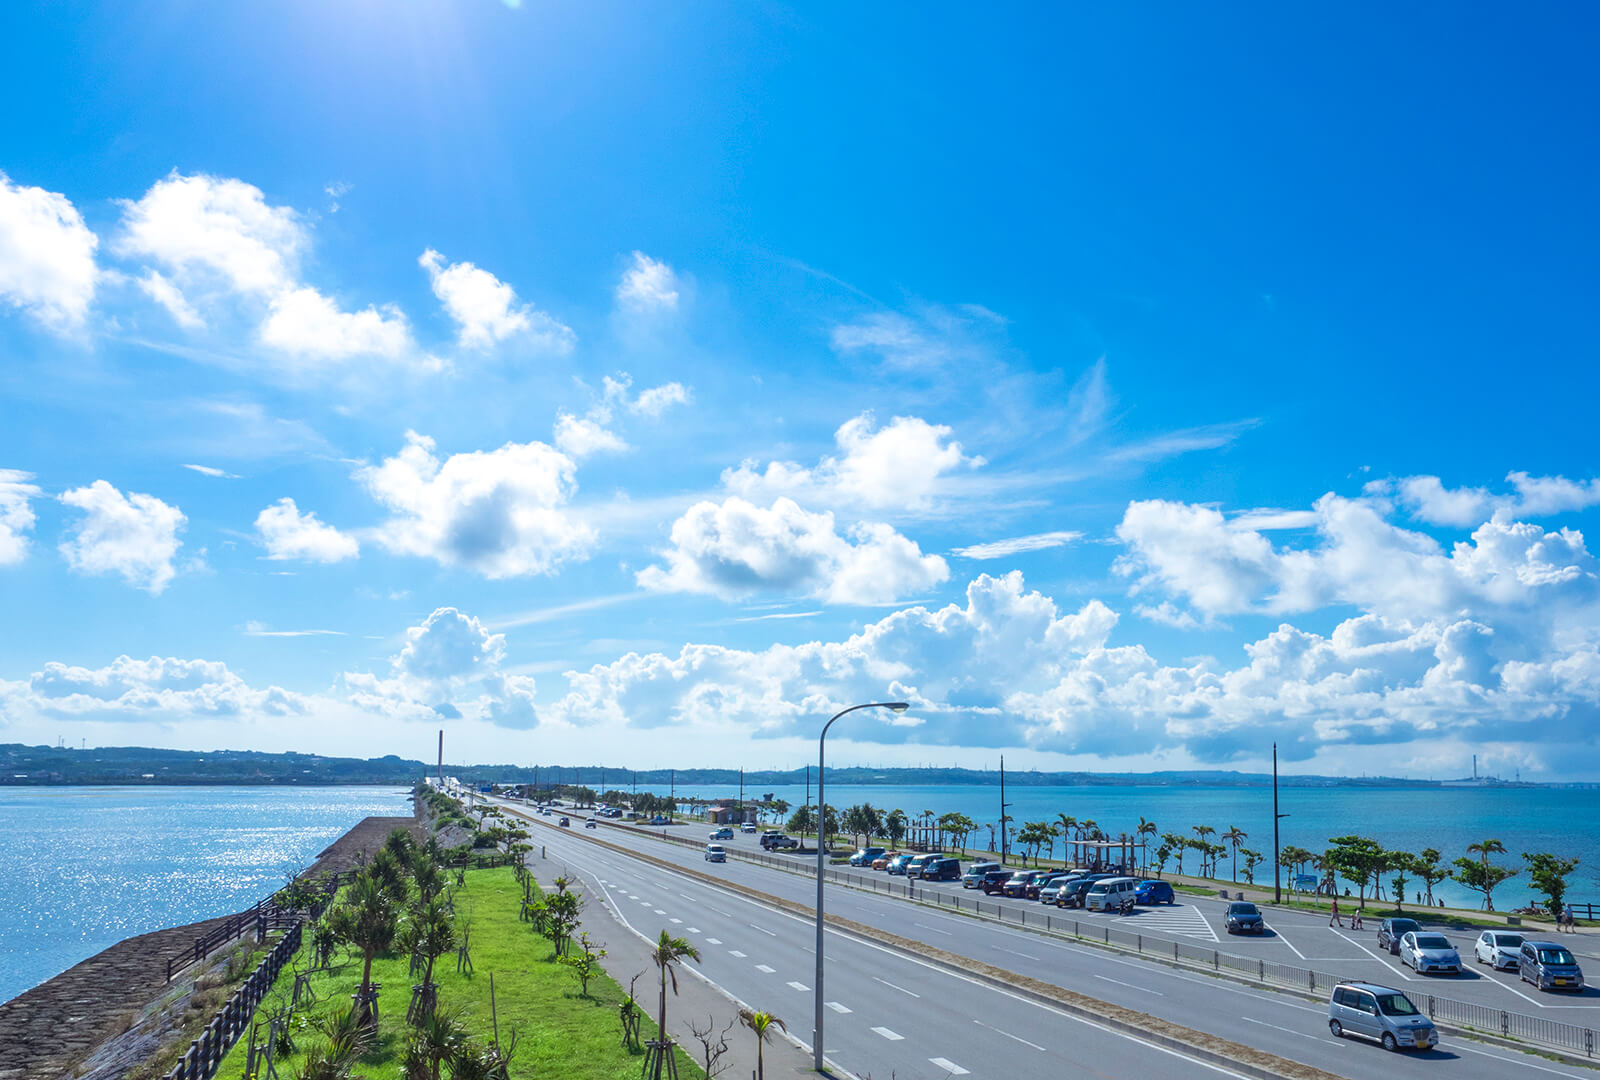 沖縄本島おすすめドライブスポット